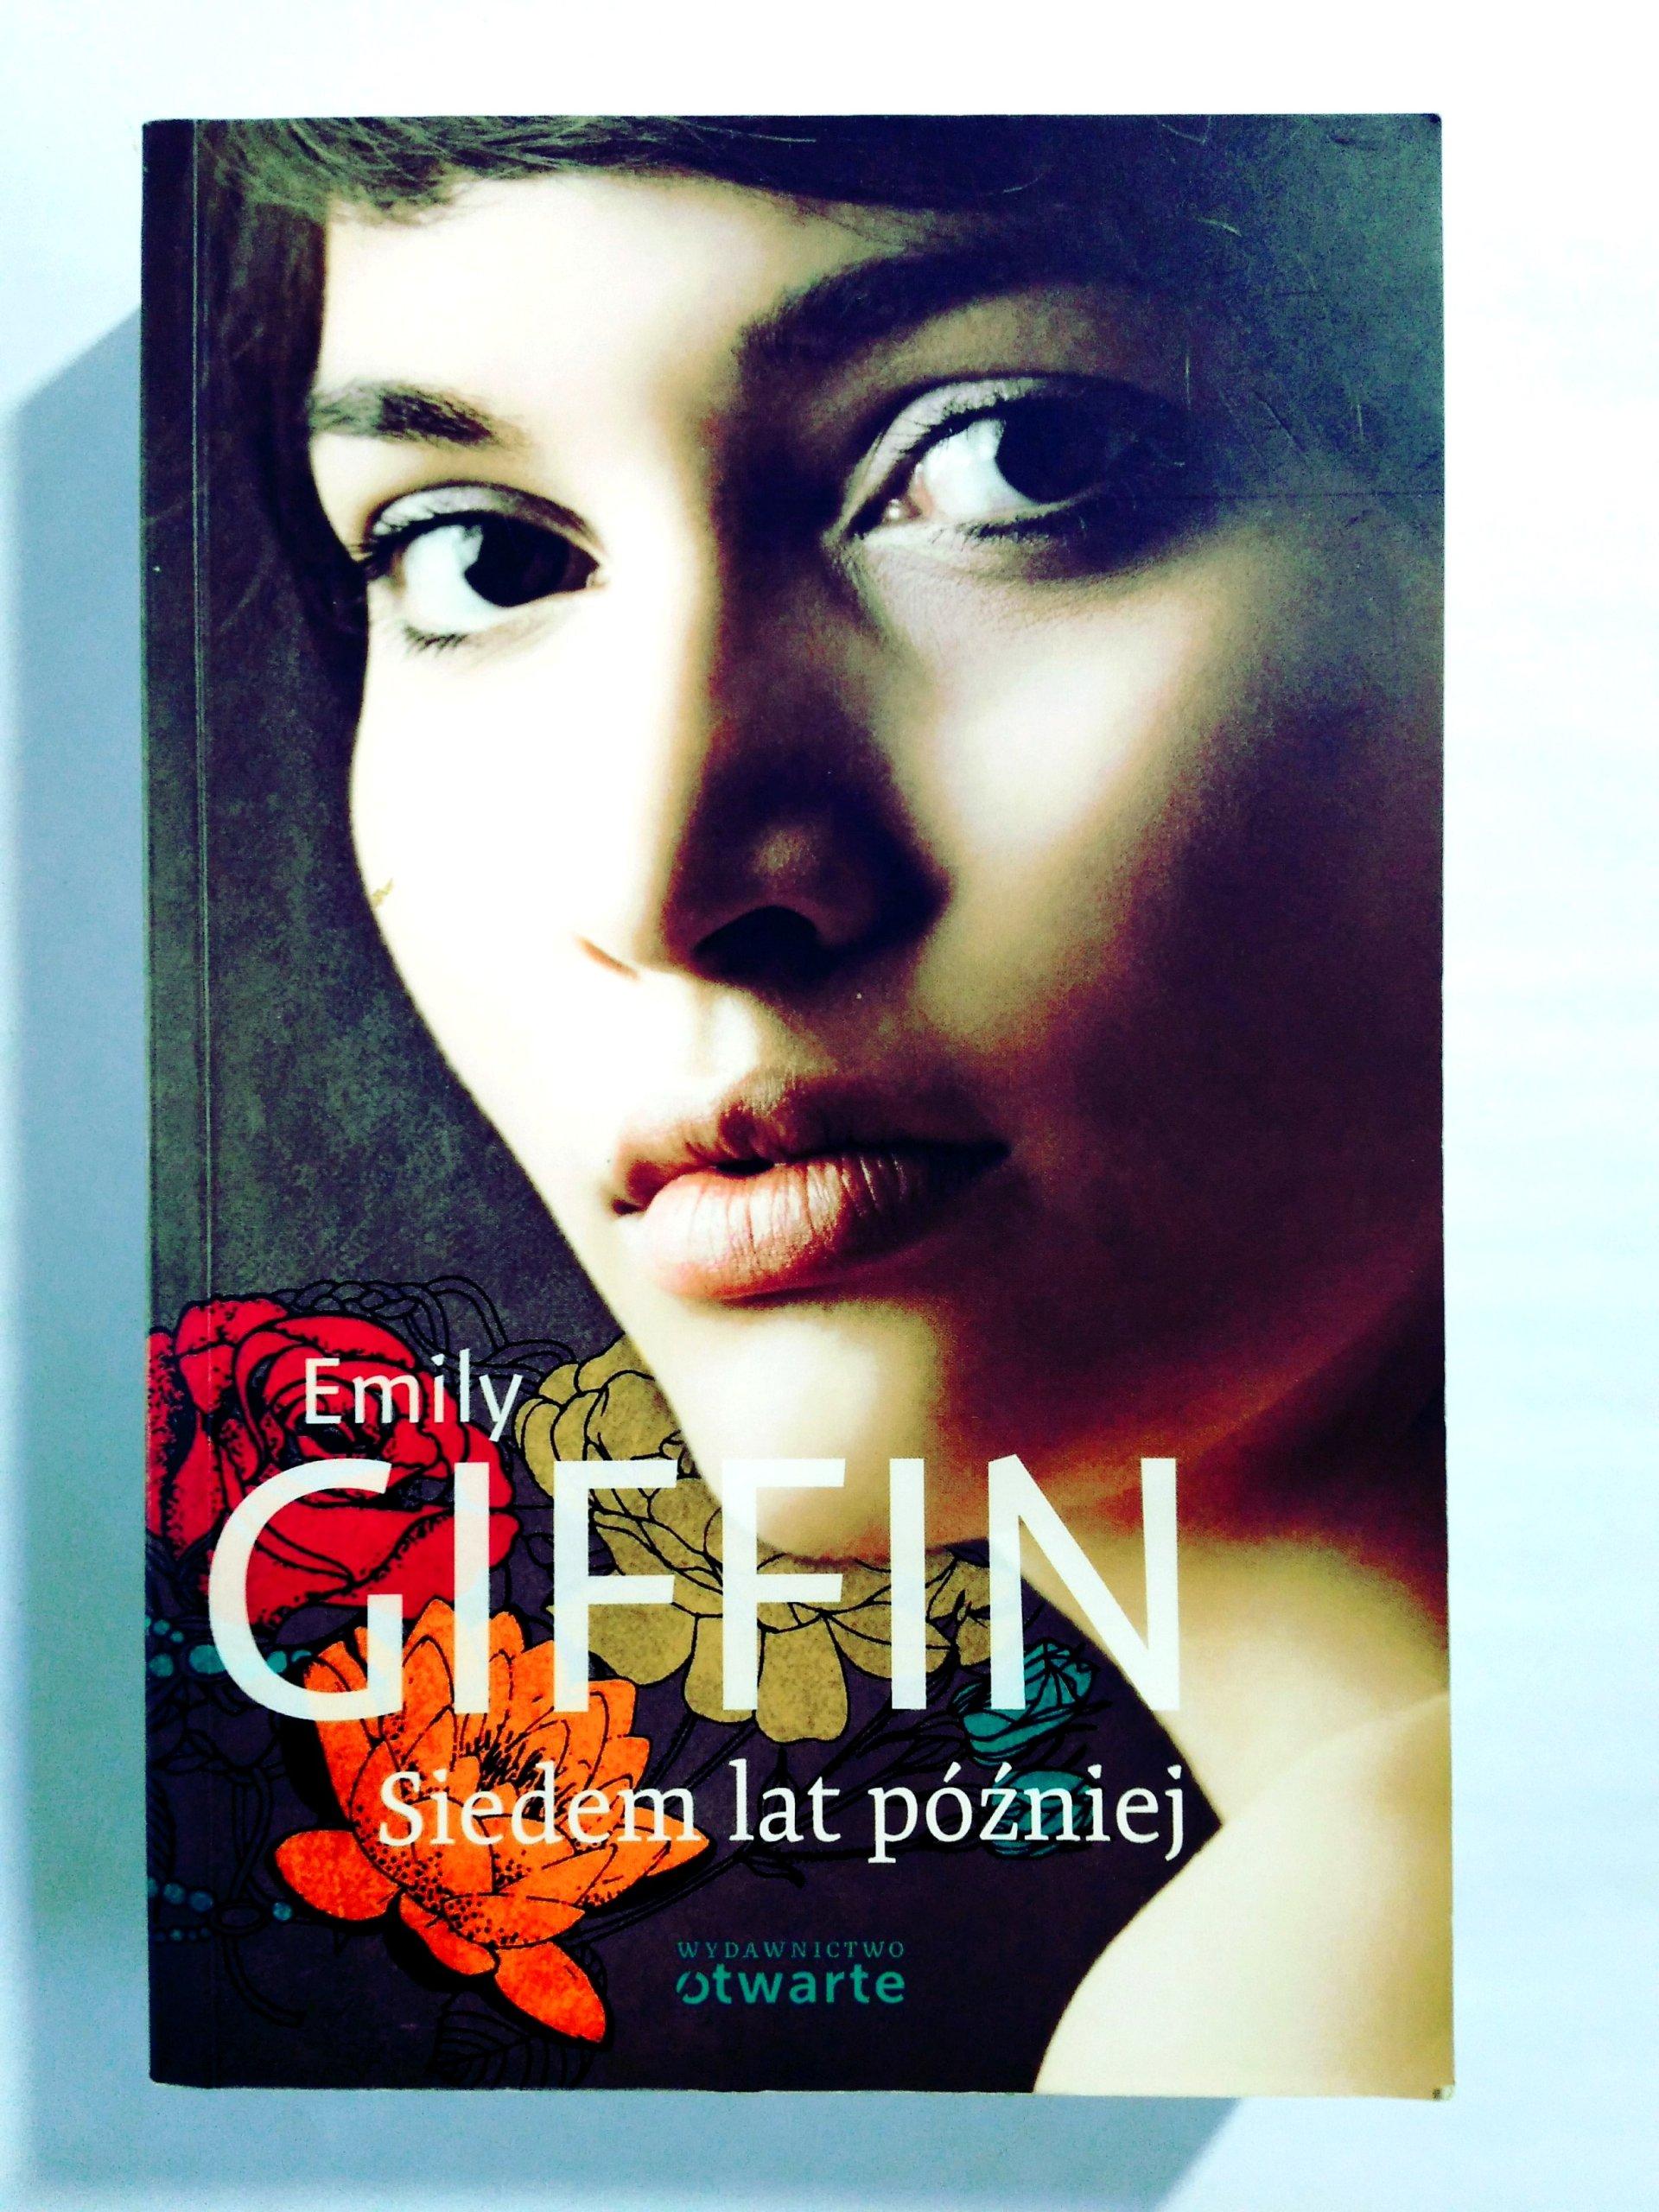 EMILY GIFFIN - SIEDEM LAT PÓŹNIEJ